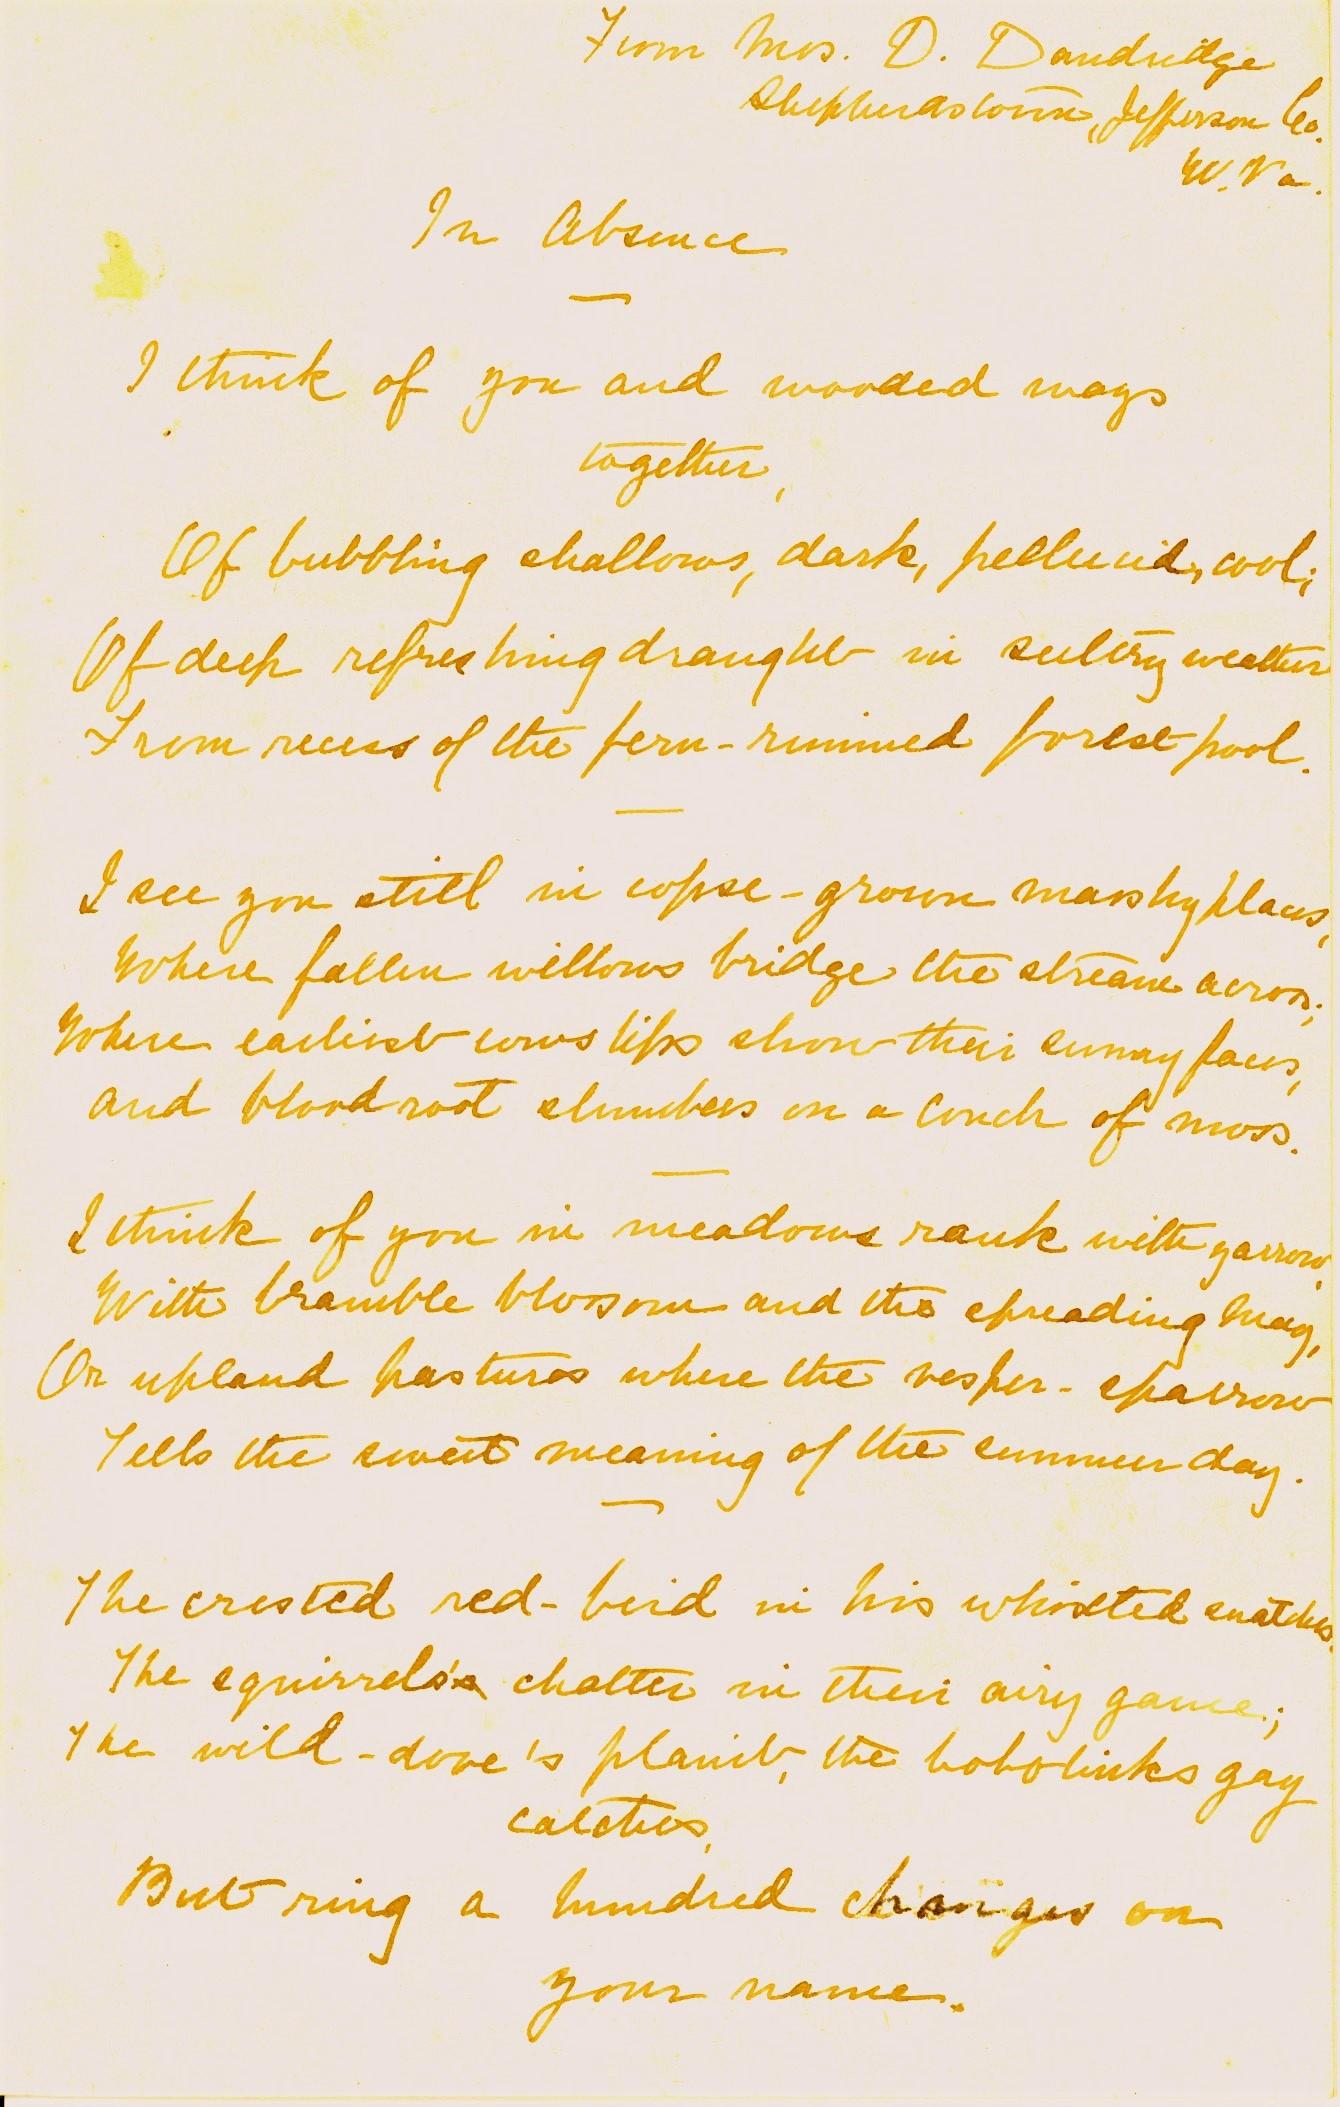 Danske Dandridge poem, In Absence